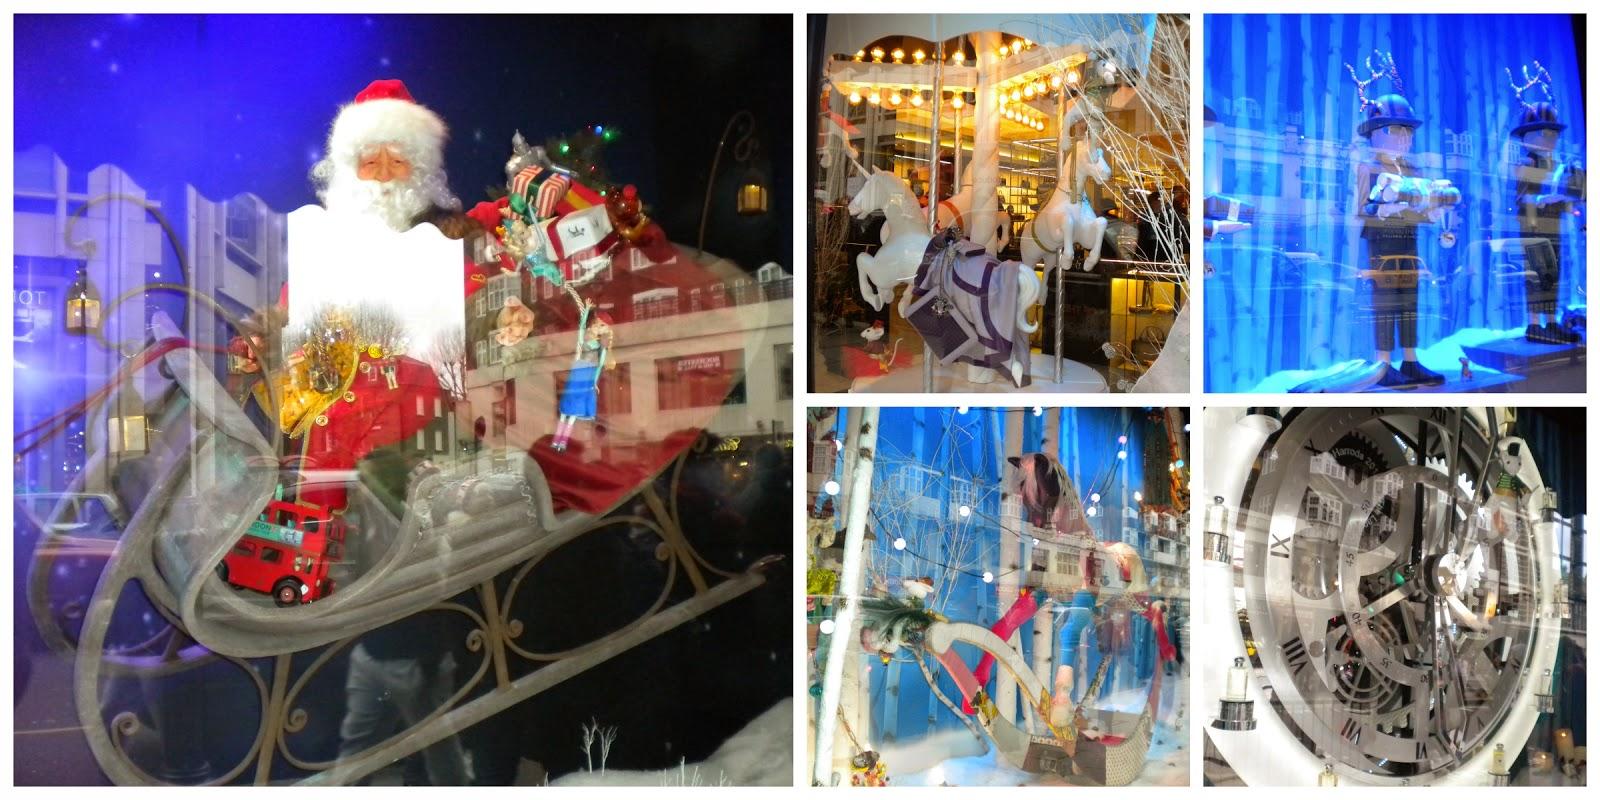 La decoración navideña de Harrods